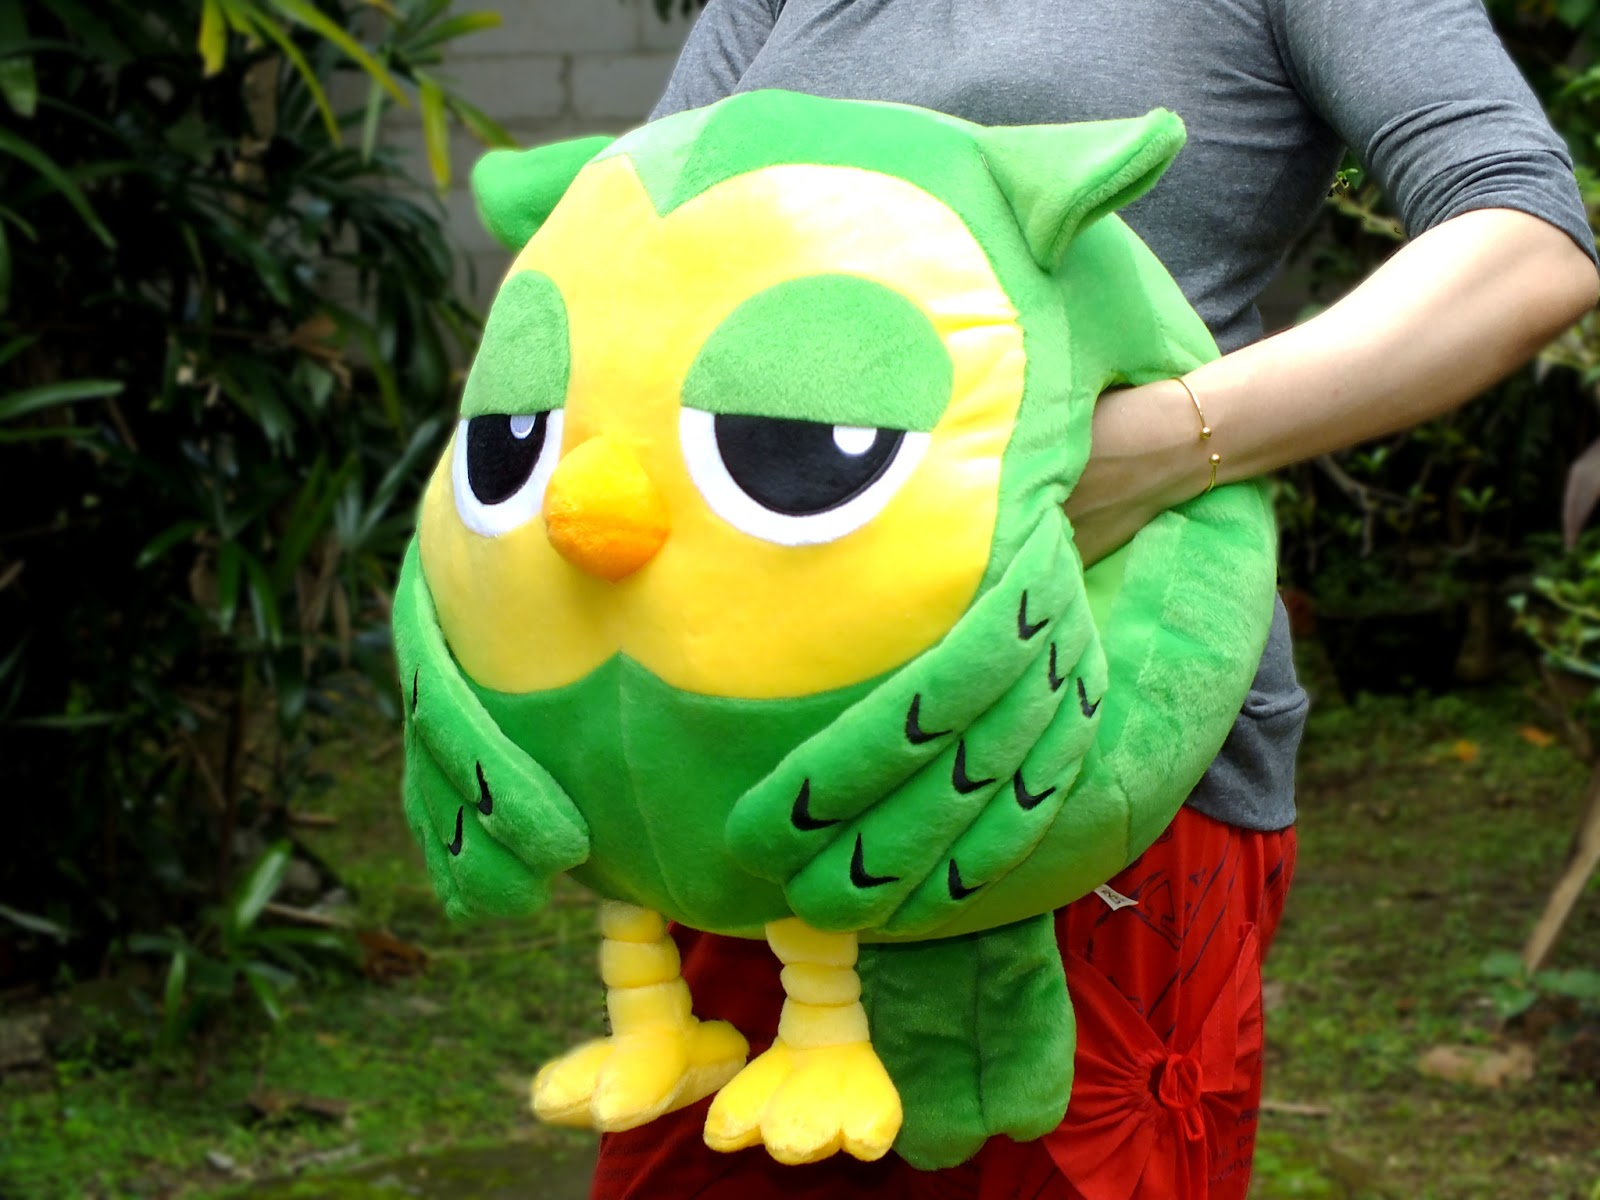 Jual boneka roumang film heirs · jual boneka burung hantu ... 871850c885